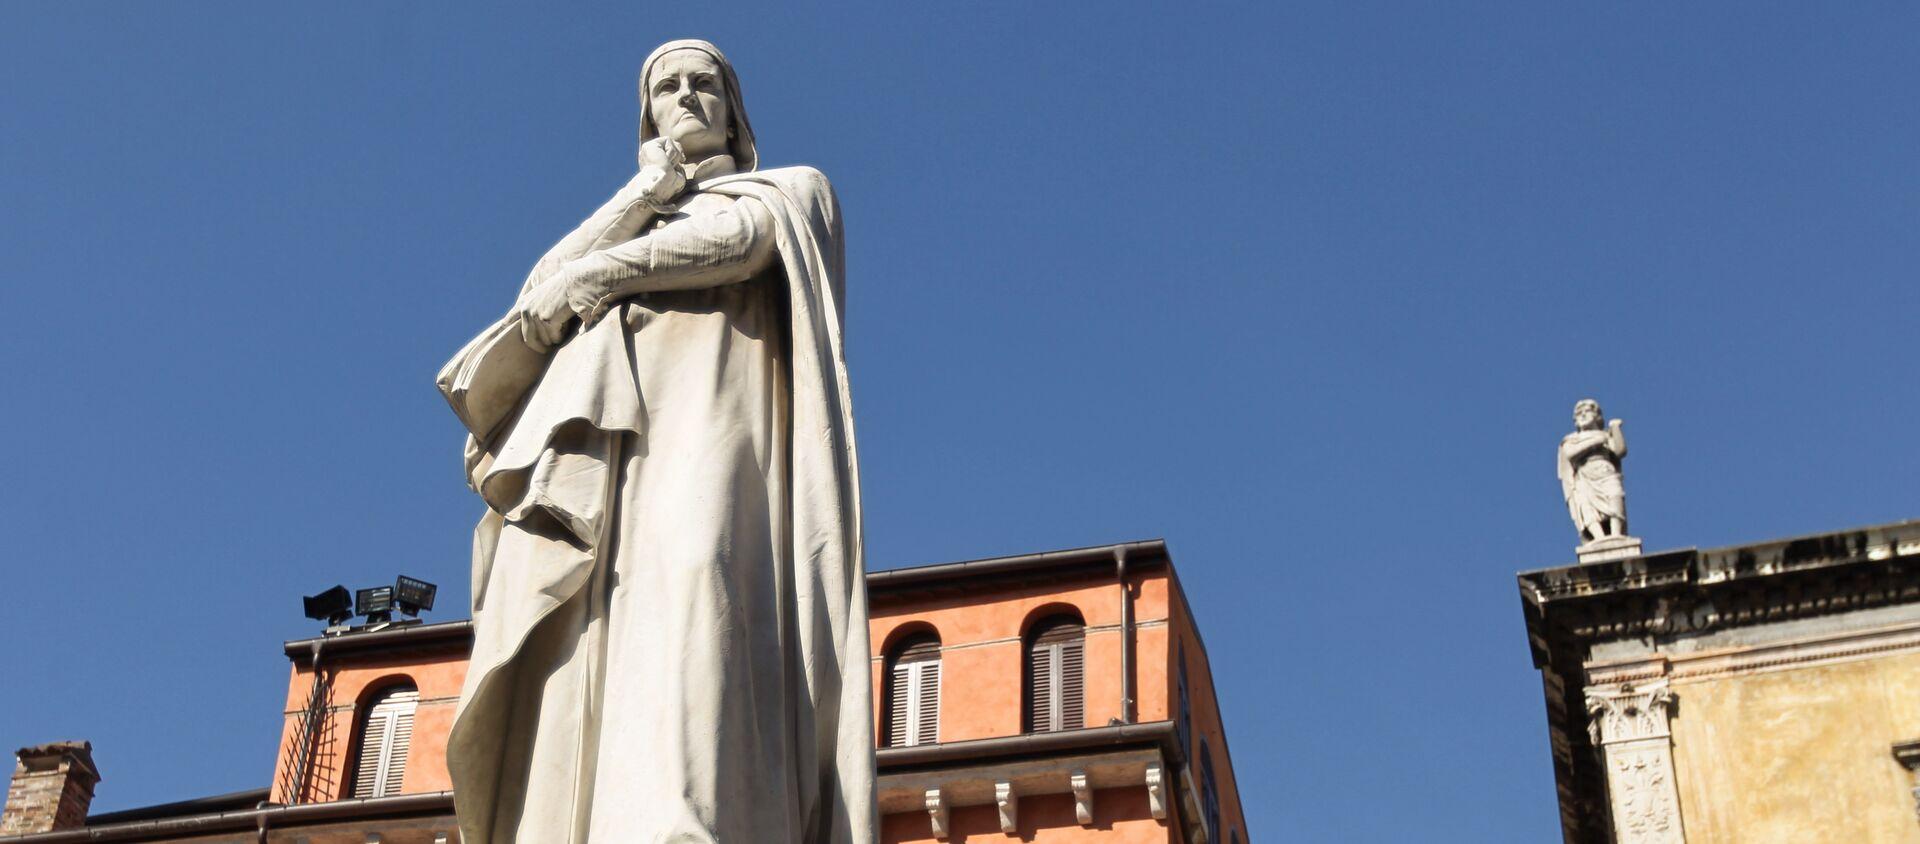 Monumento a Dante in piazza della Signoria a Firenze. - Sputnik Italia, 1920, 25.02.2021